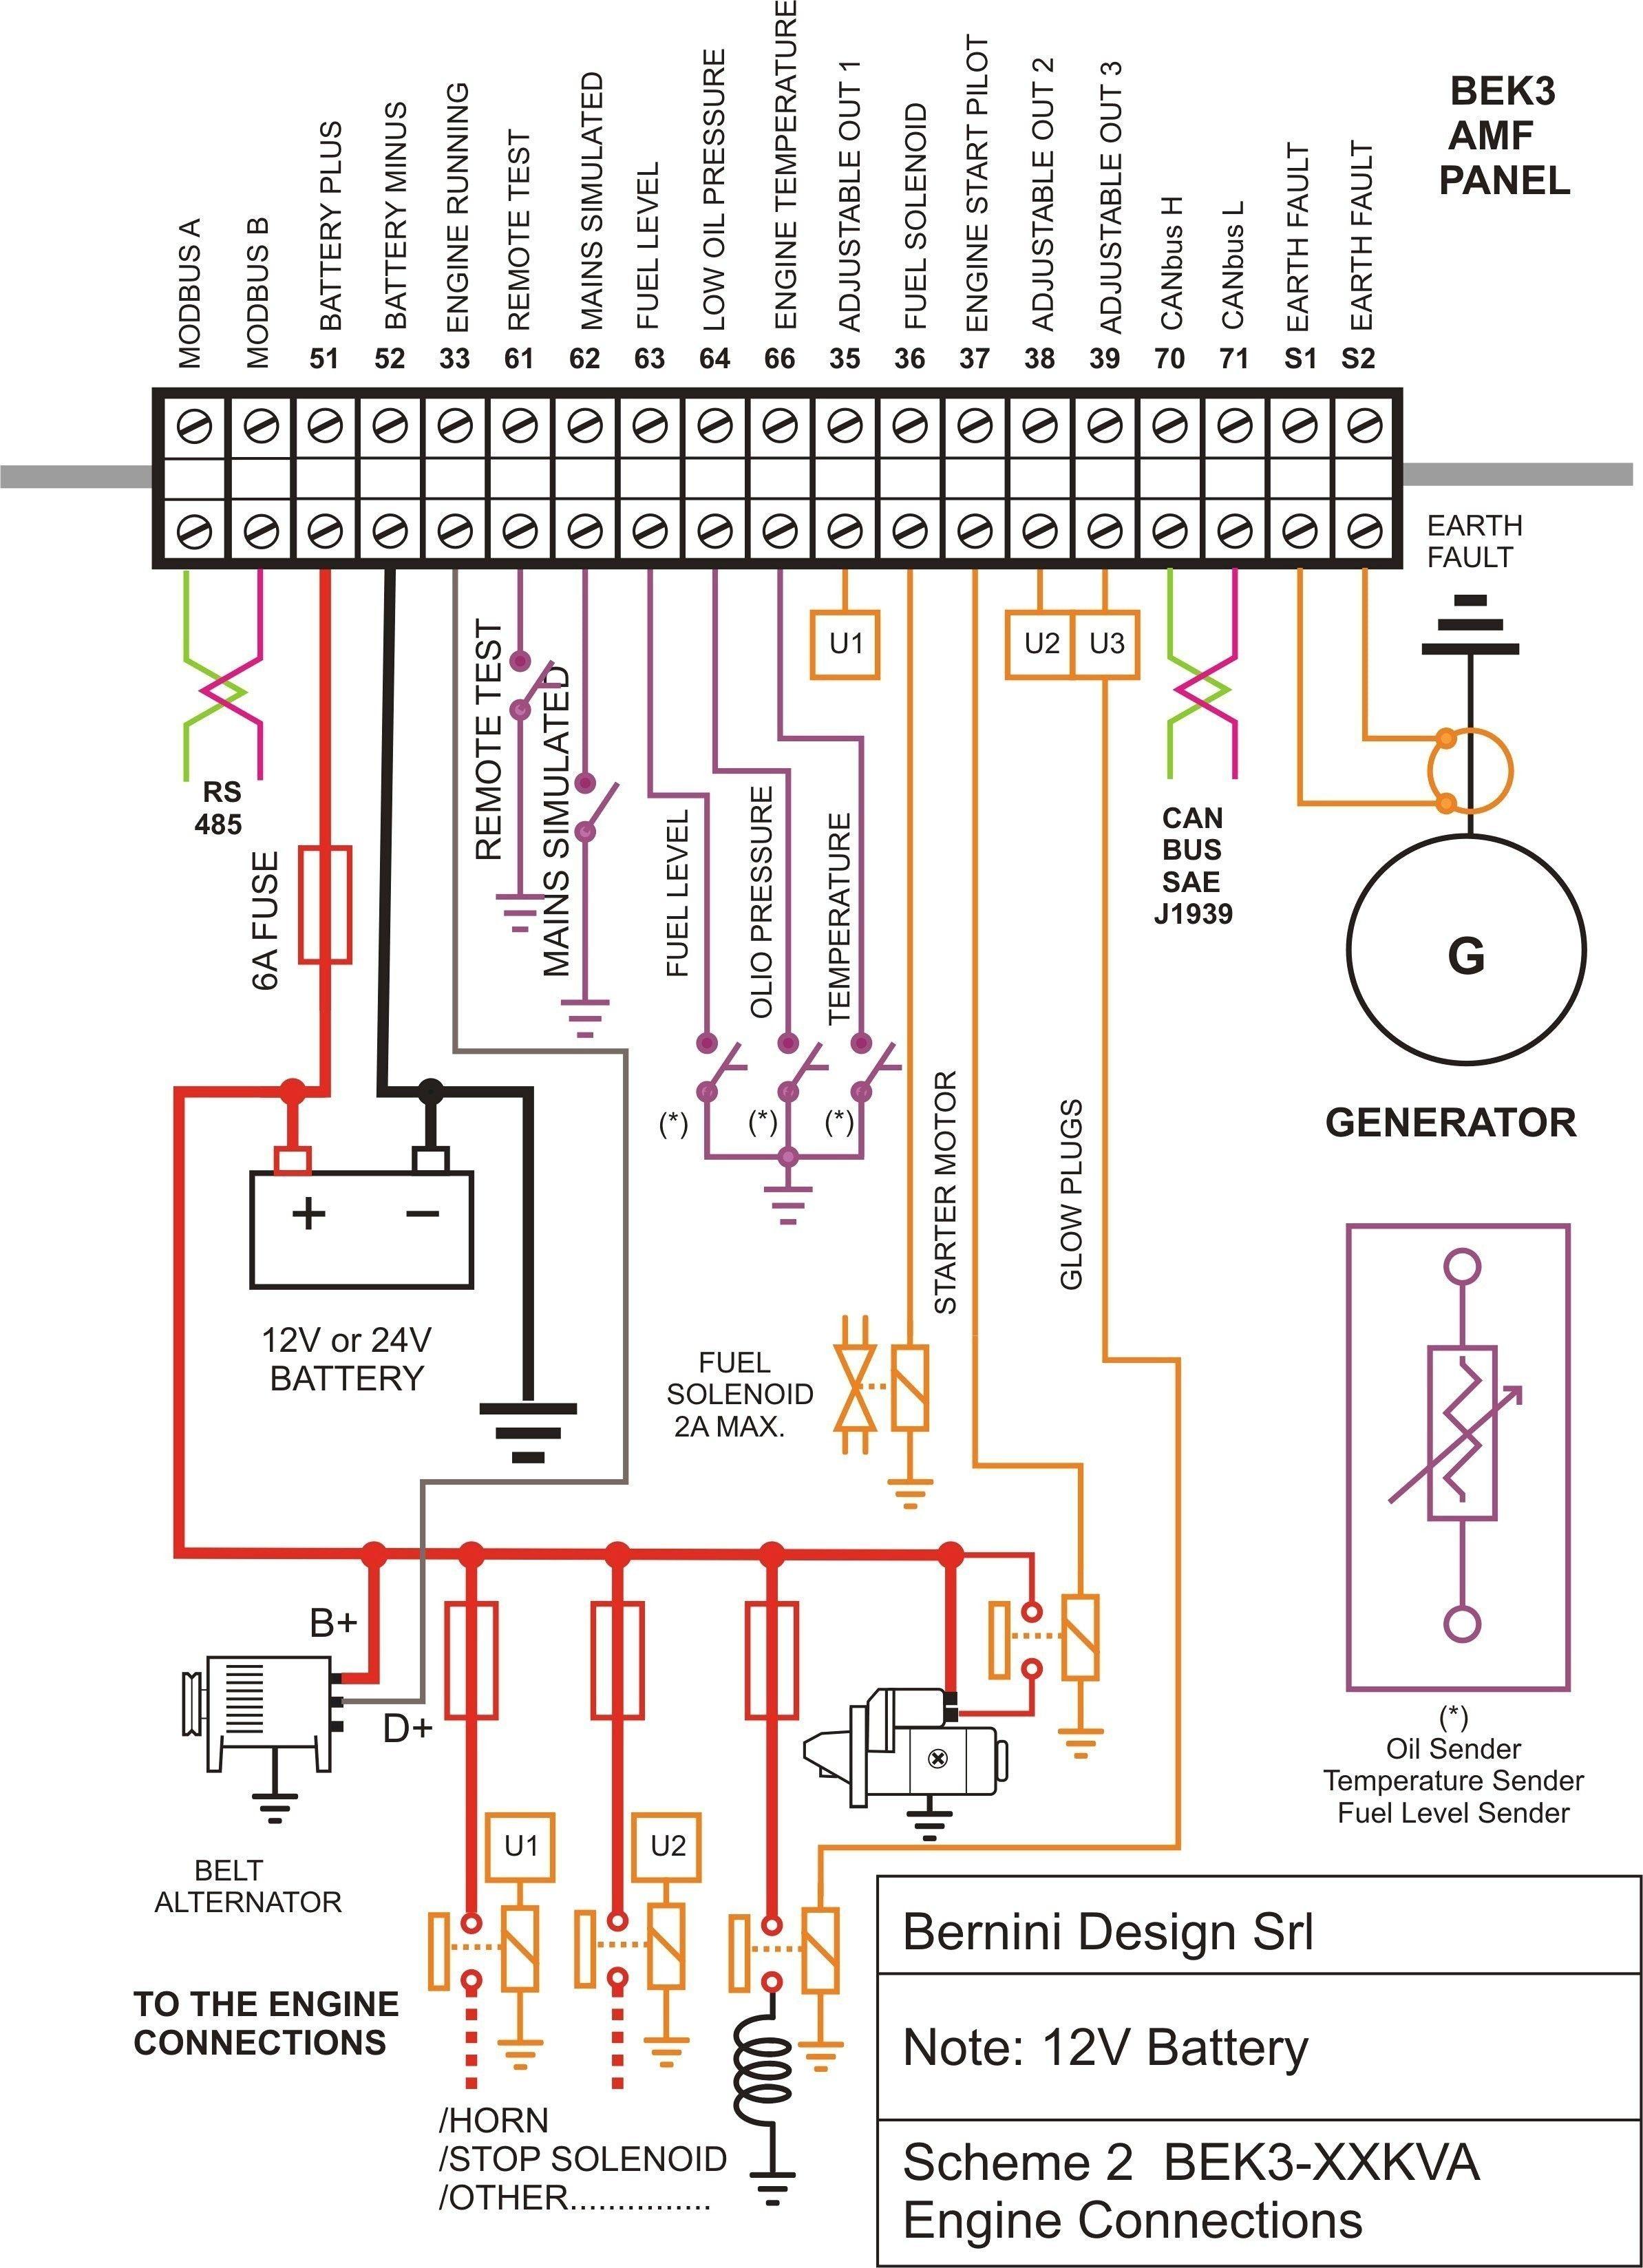 Unique Electrical Schematic Training Diagram Wiringdiagram Diagramming Diagramm Visua Electrical Circuit Diagram Electrical Wiring Diagram Circuit Diagram